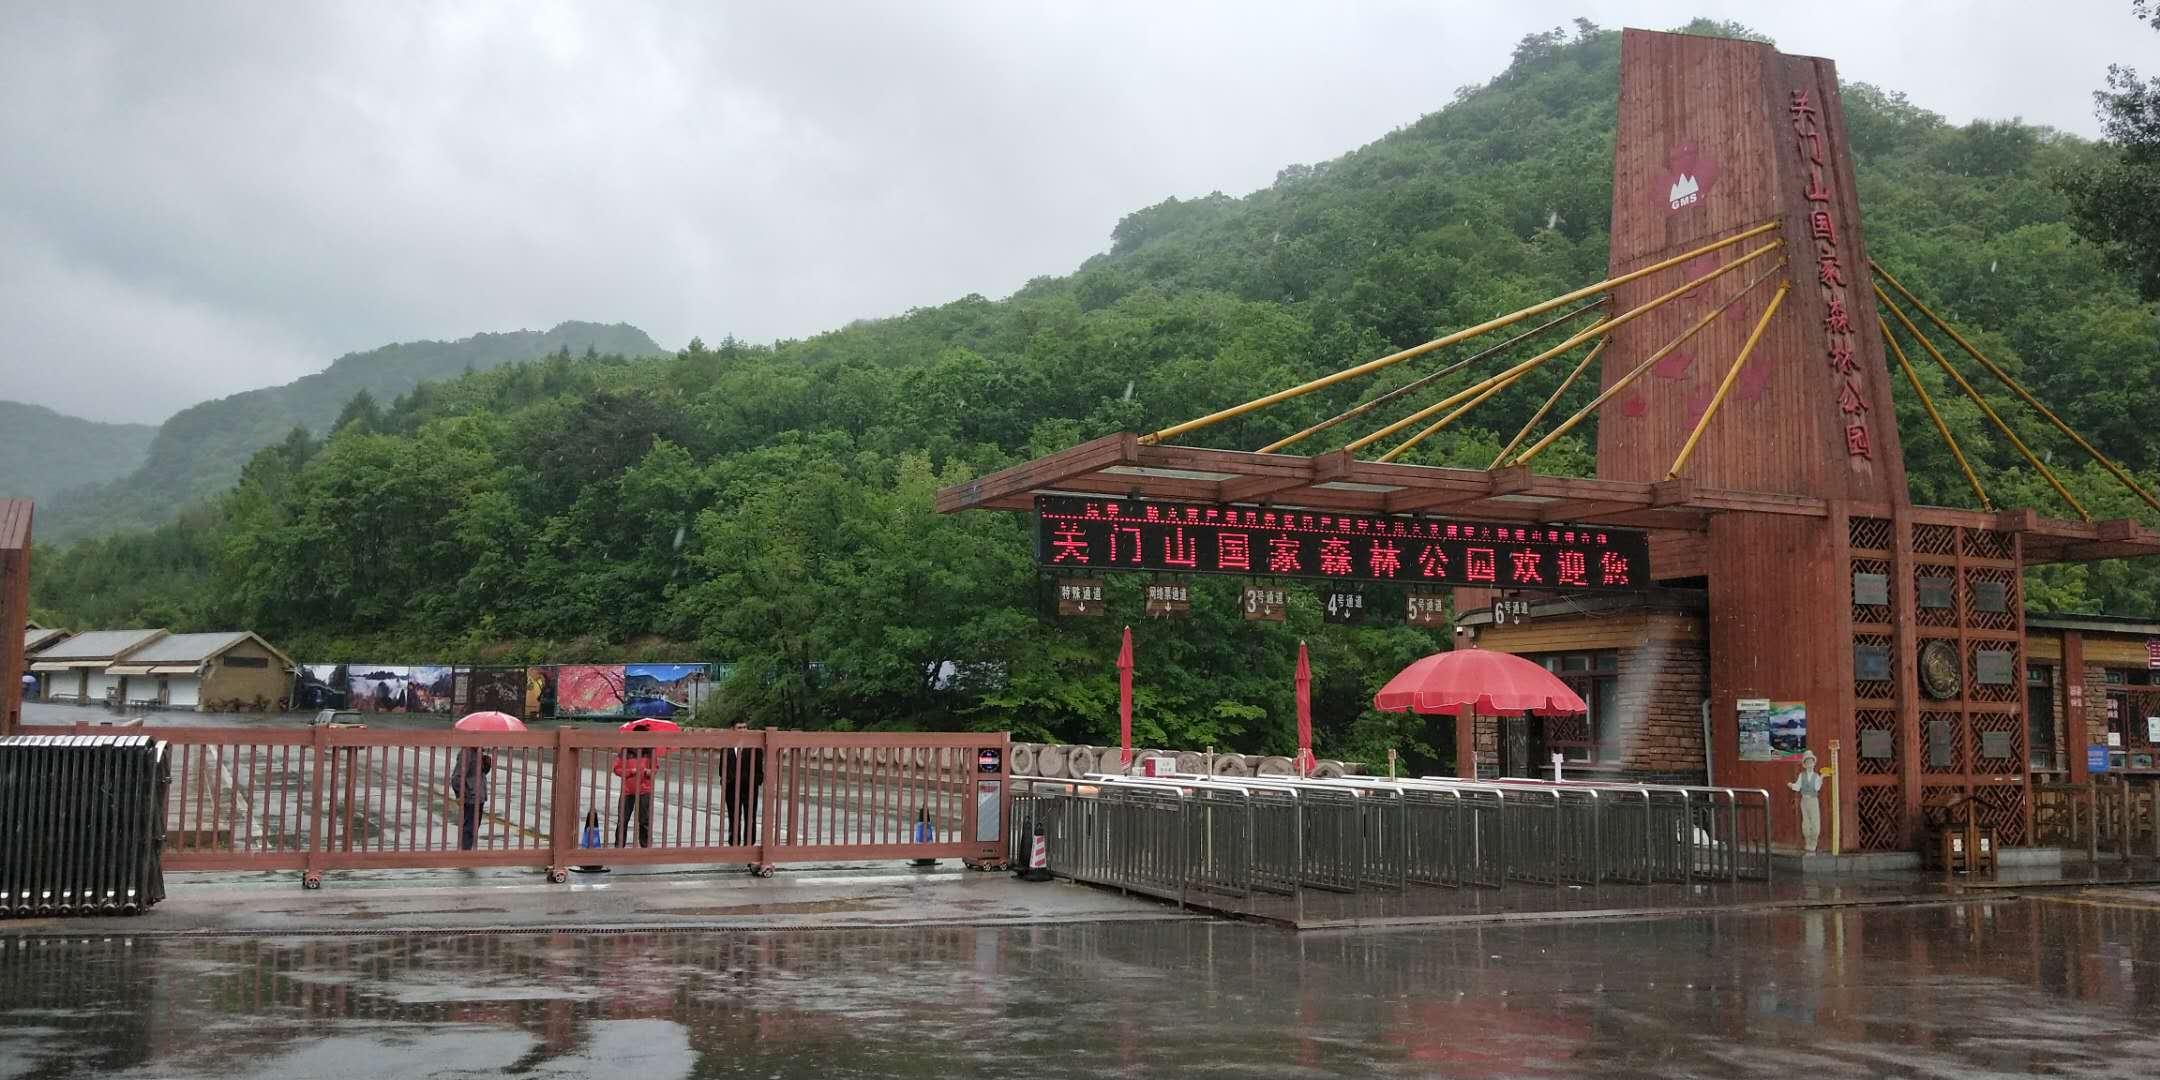 关门山国家深林公园大门,永特佳尔